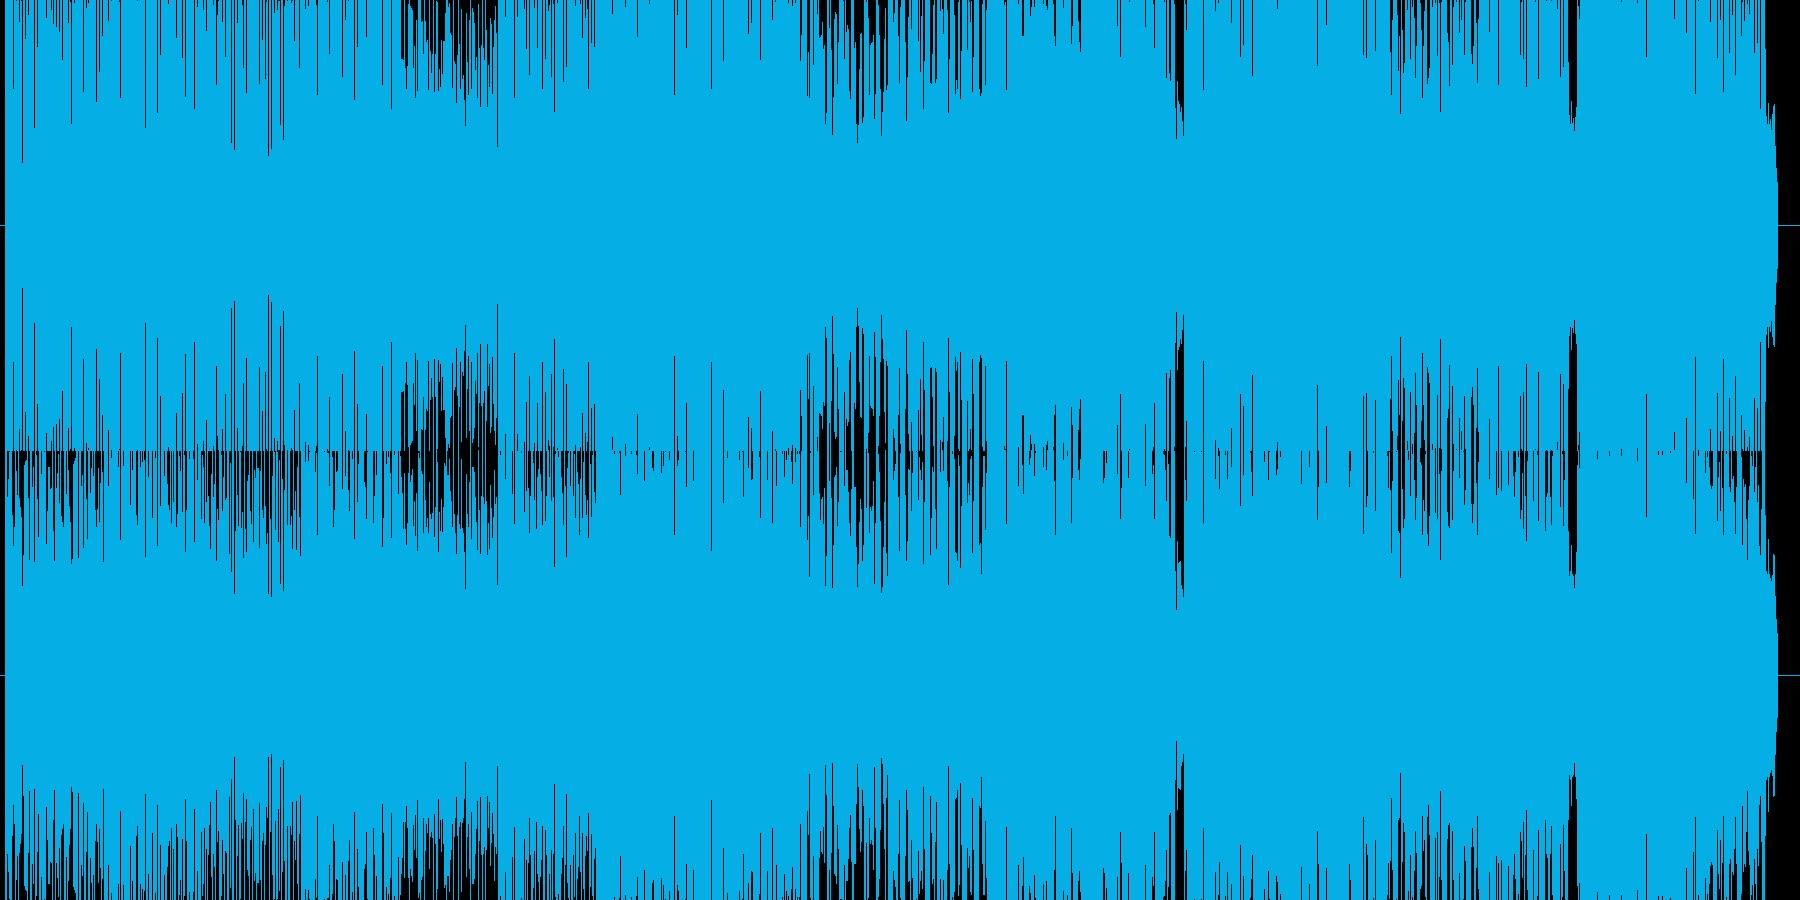 明るいインド風BGM(エレクトロ)の再生済みの波形